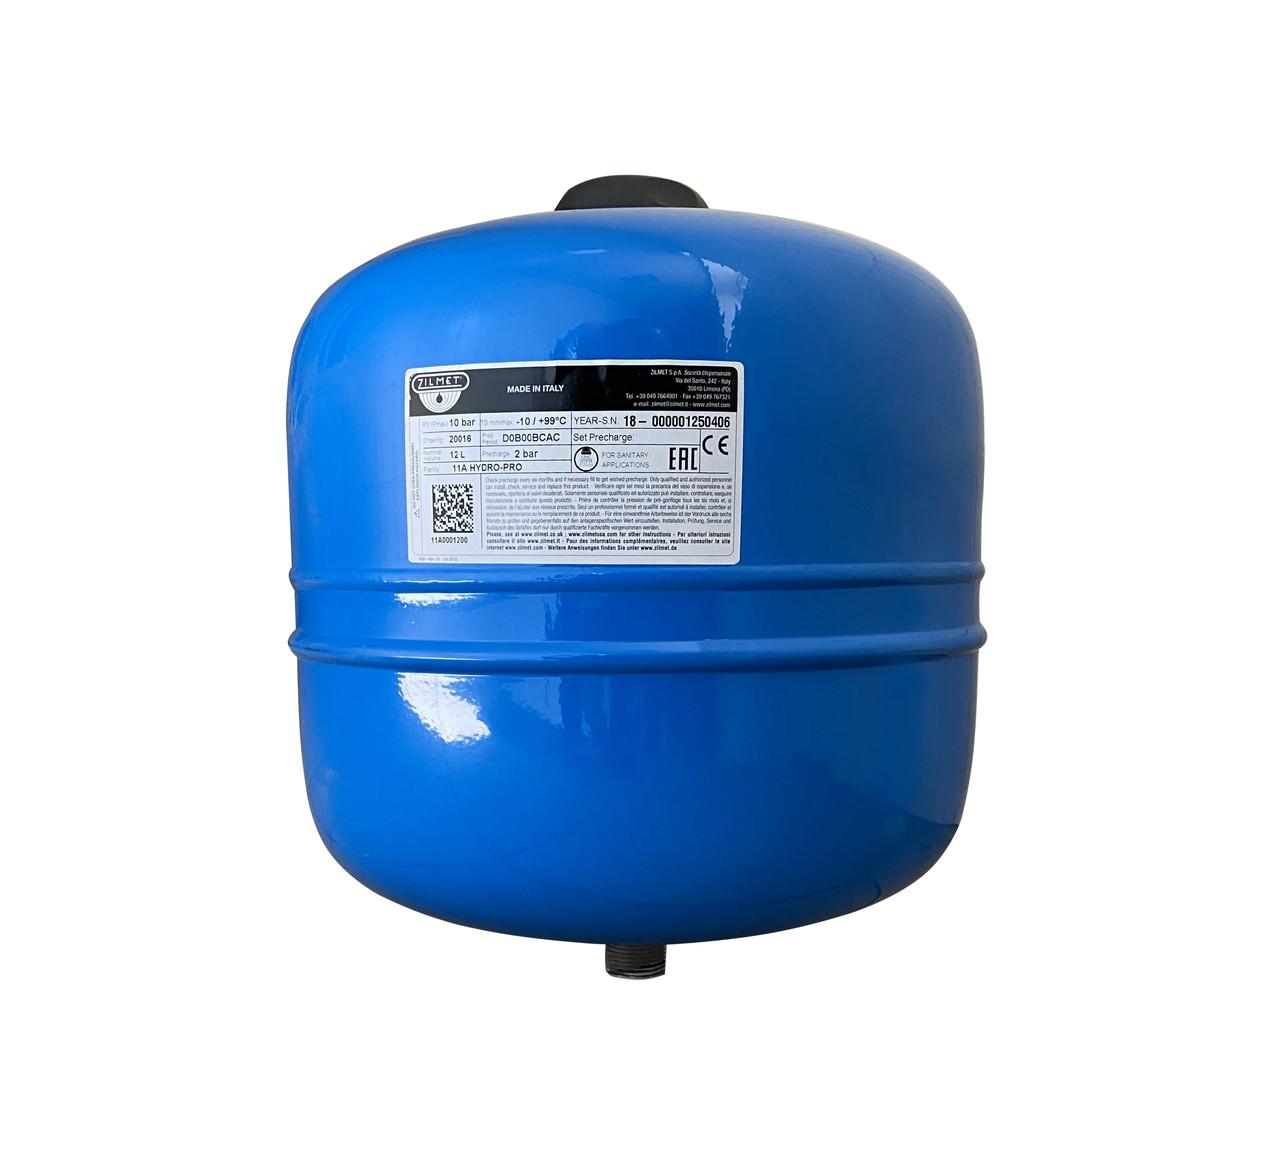 Гидроаккумулятор c фиксированной мембраной   12л ZILMET HYDRO-pro 10bar